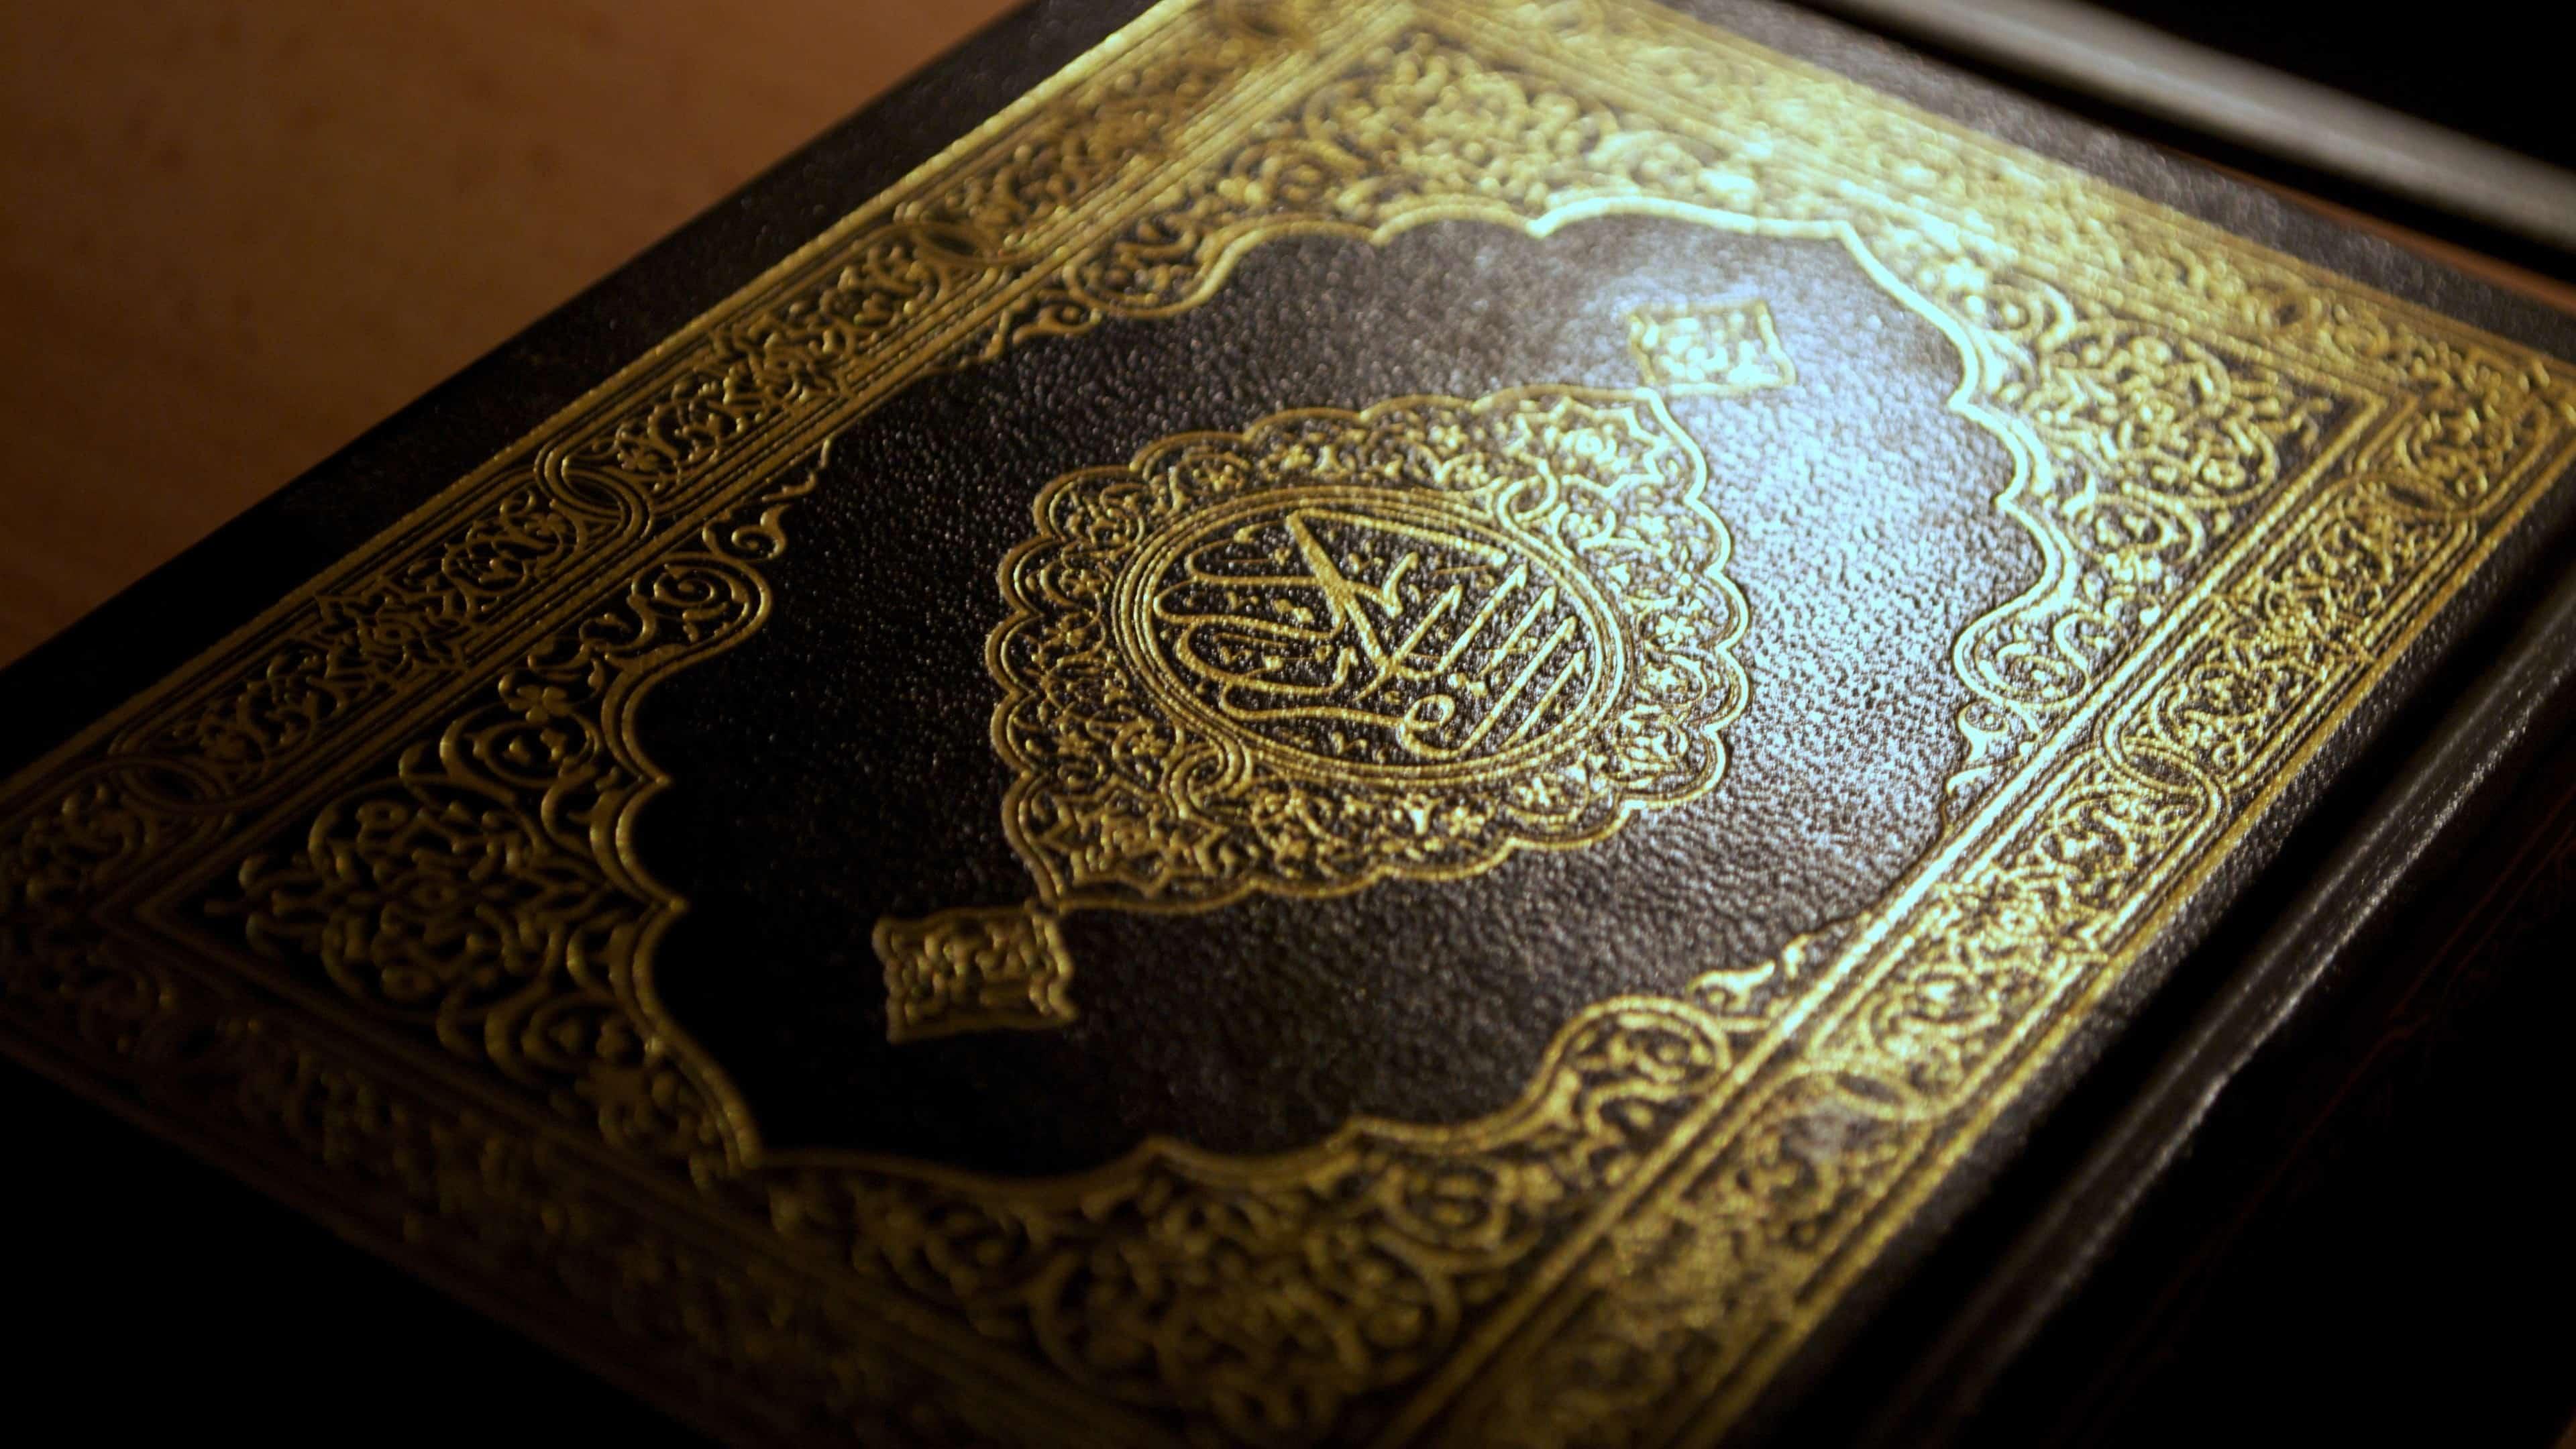 Wallpaper Islami 8 Mega Pixel Download Free Gratis Terbaru 2010 Wallpaper Islami